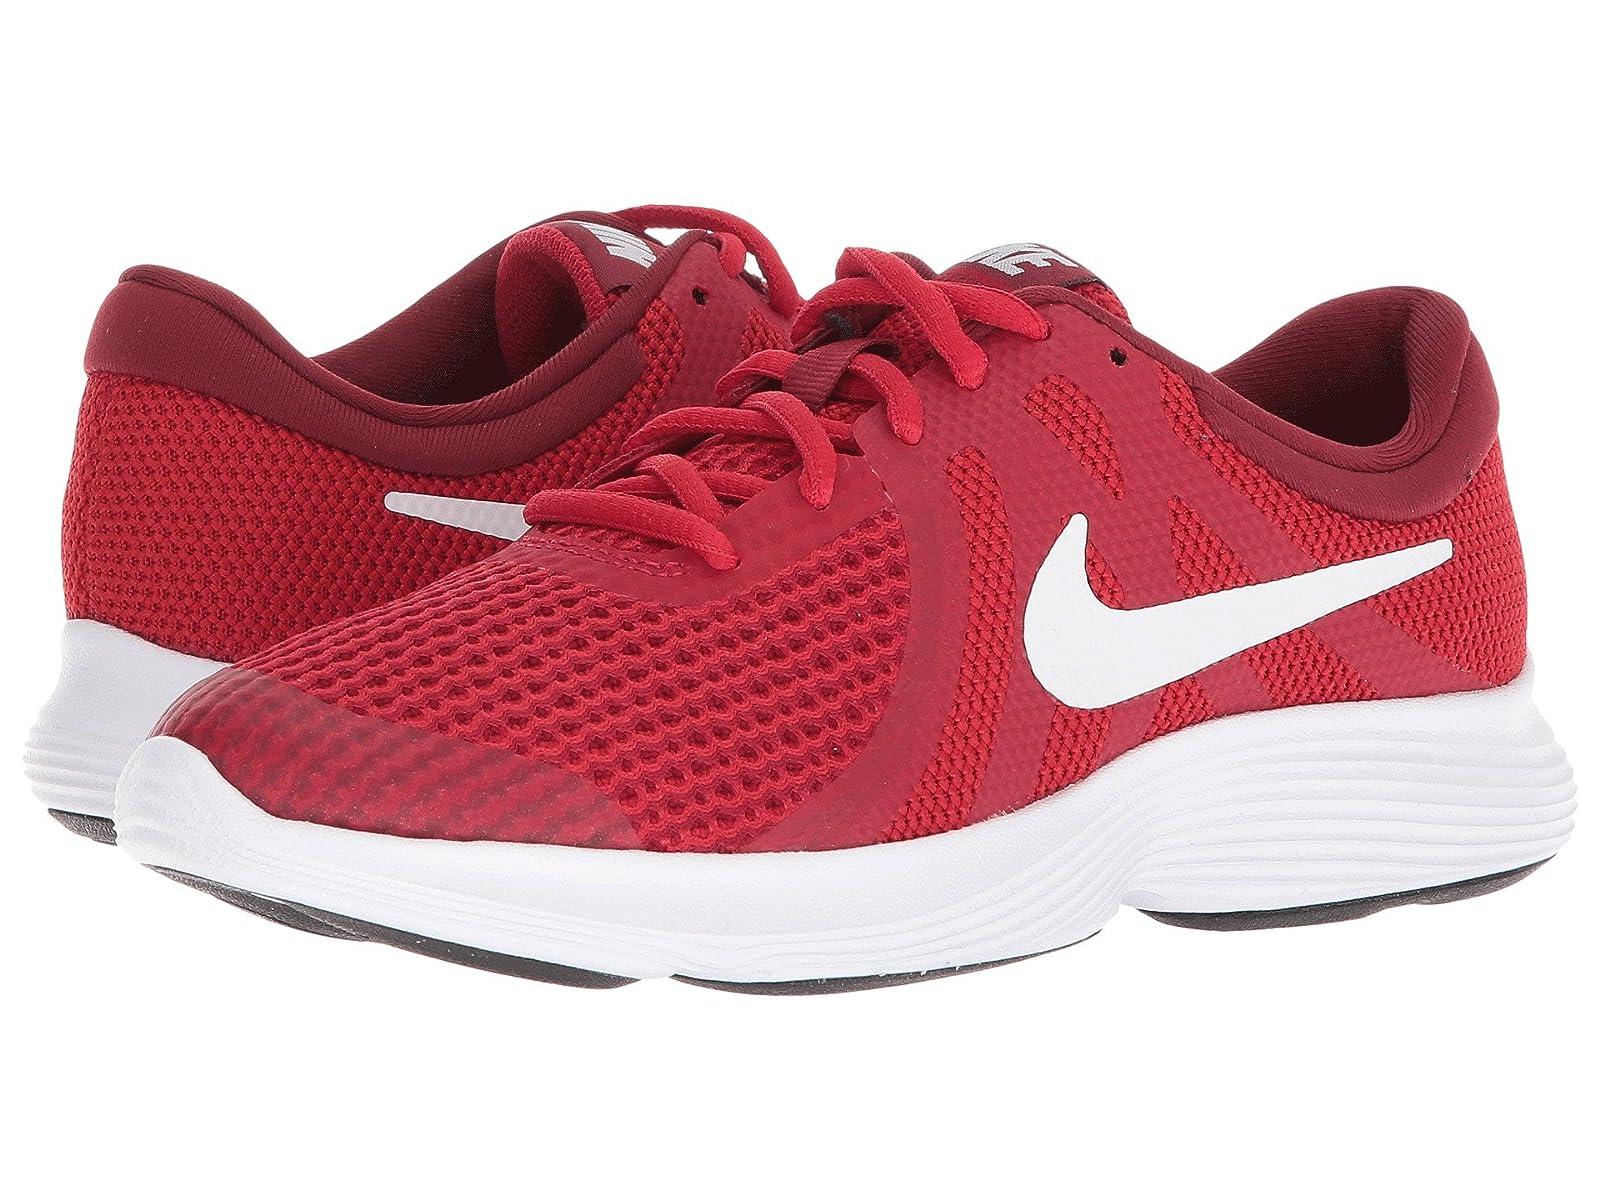 Nike Kids Revolution 4 Wide (Big Kid)Atmospheric grades have affordable shoes